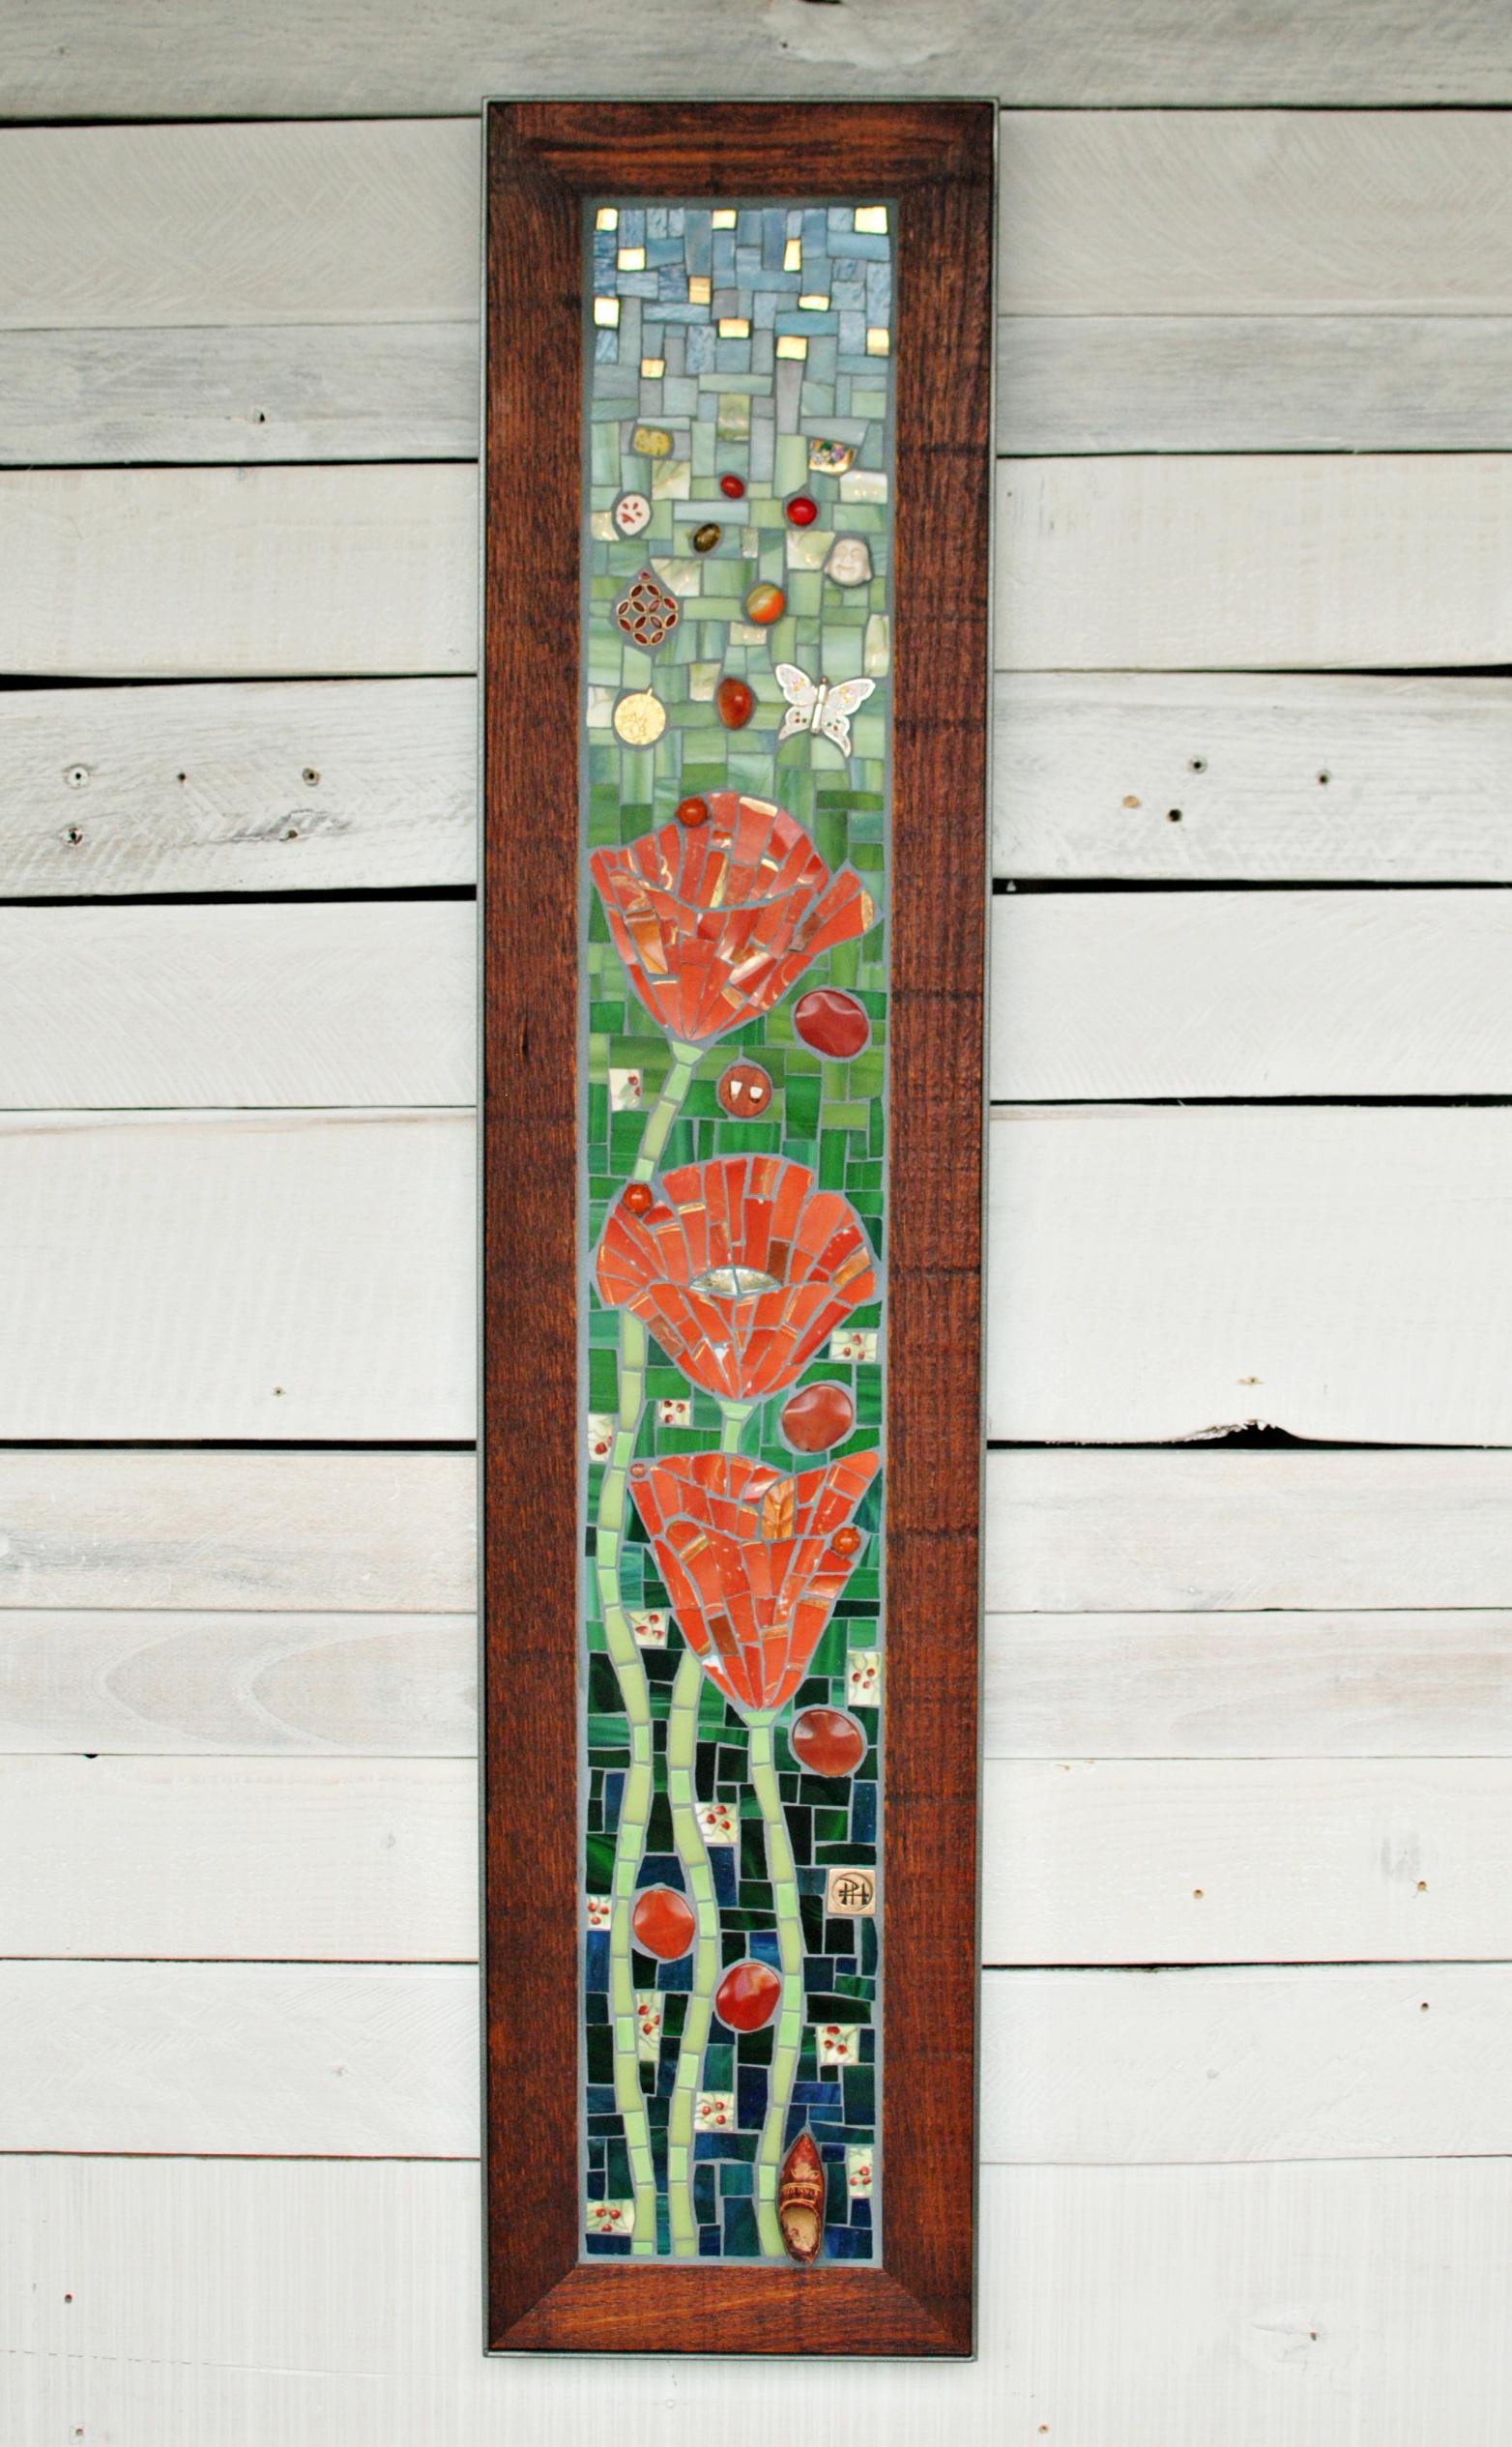 Poppies-mosaic-PH2014.jpg